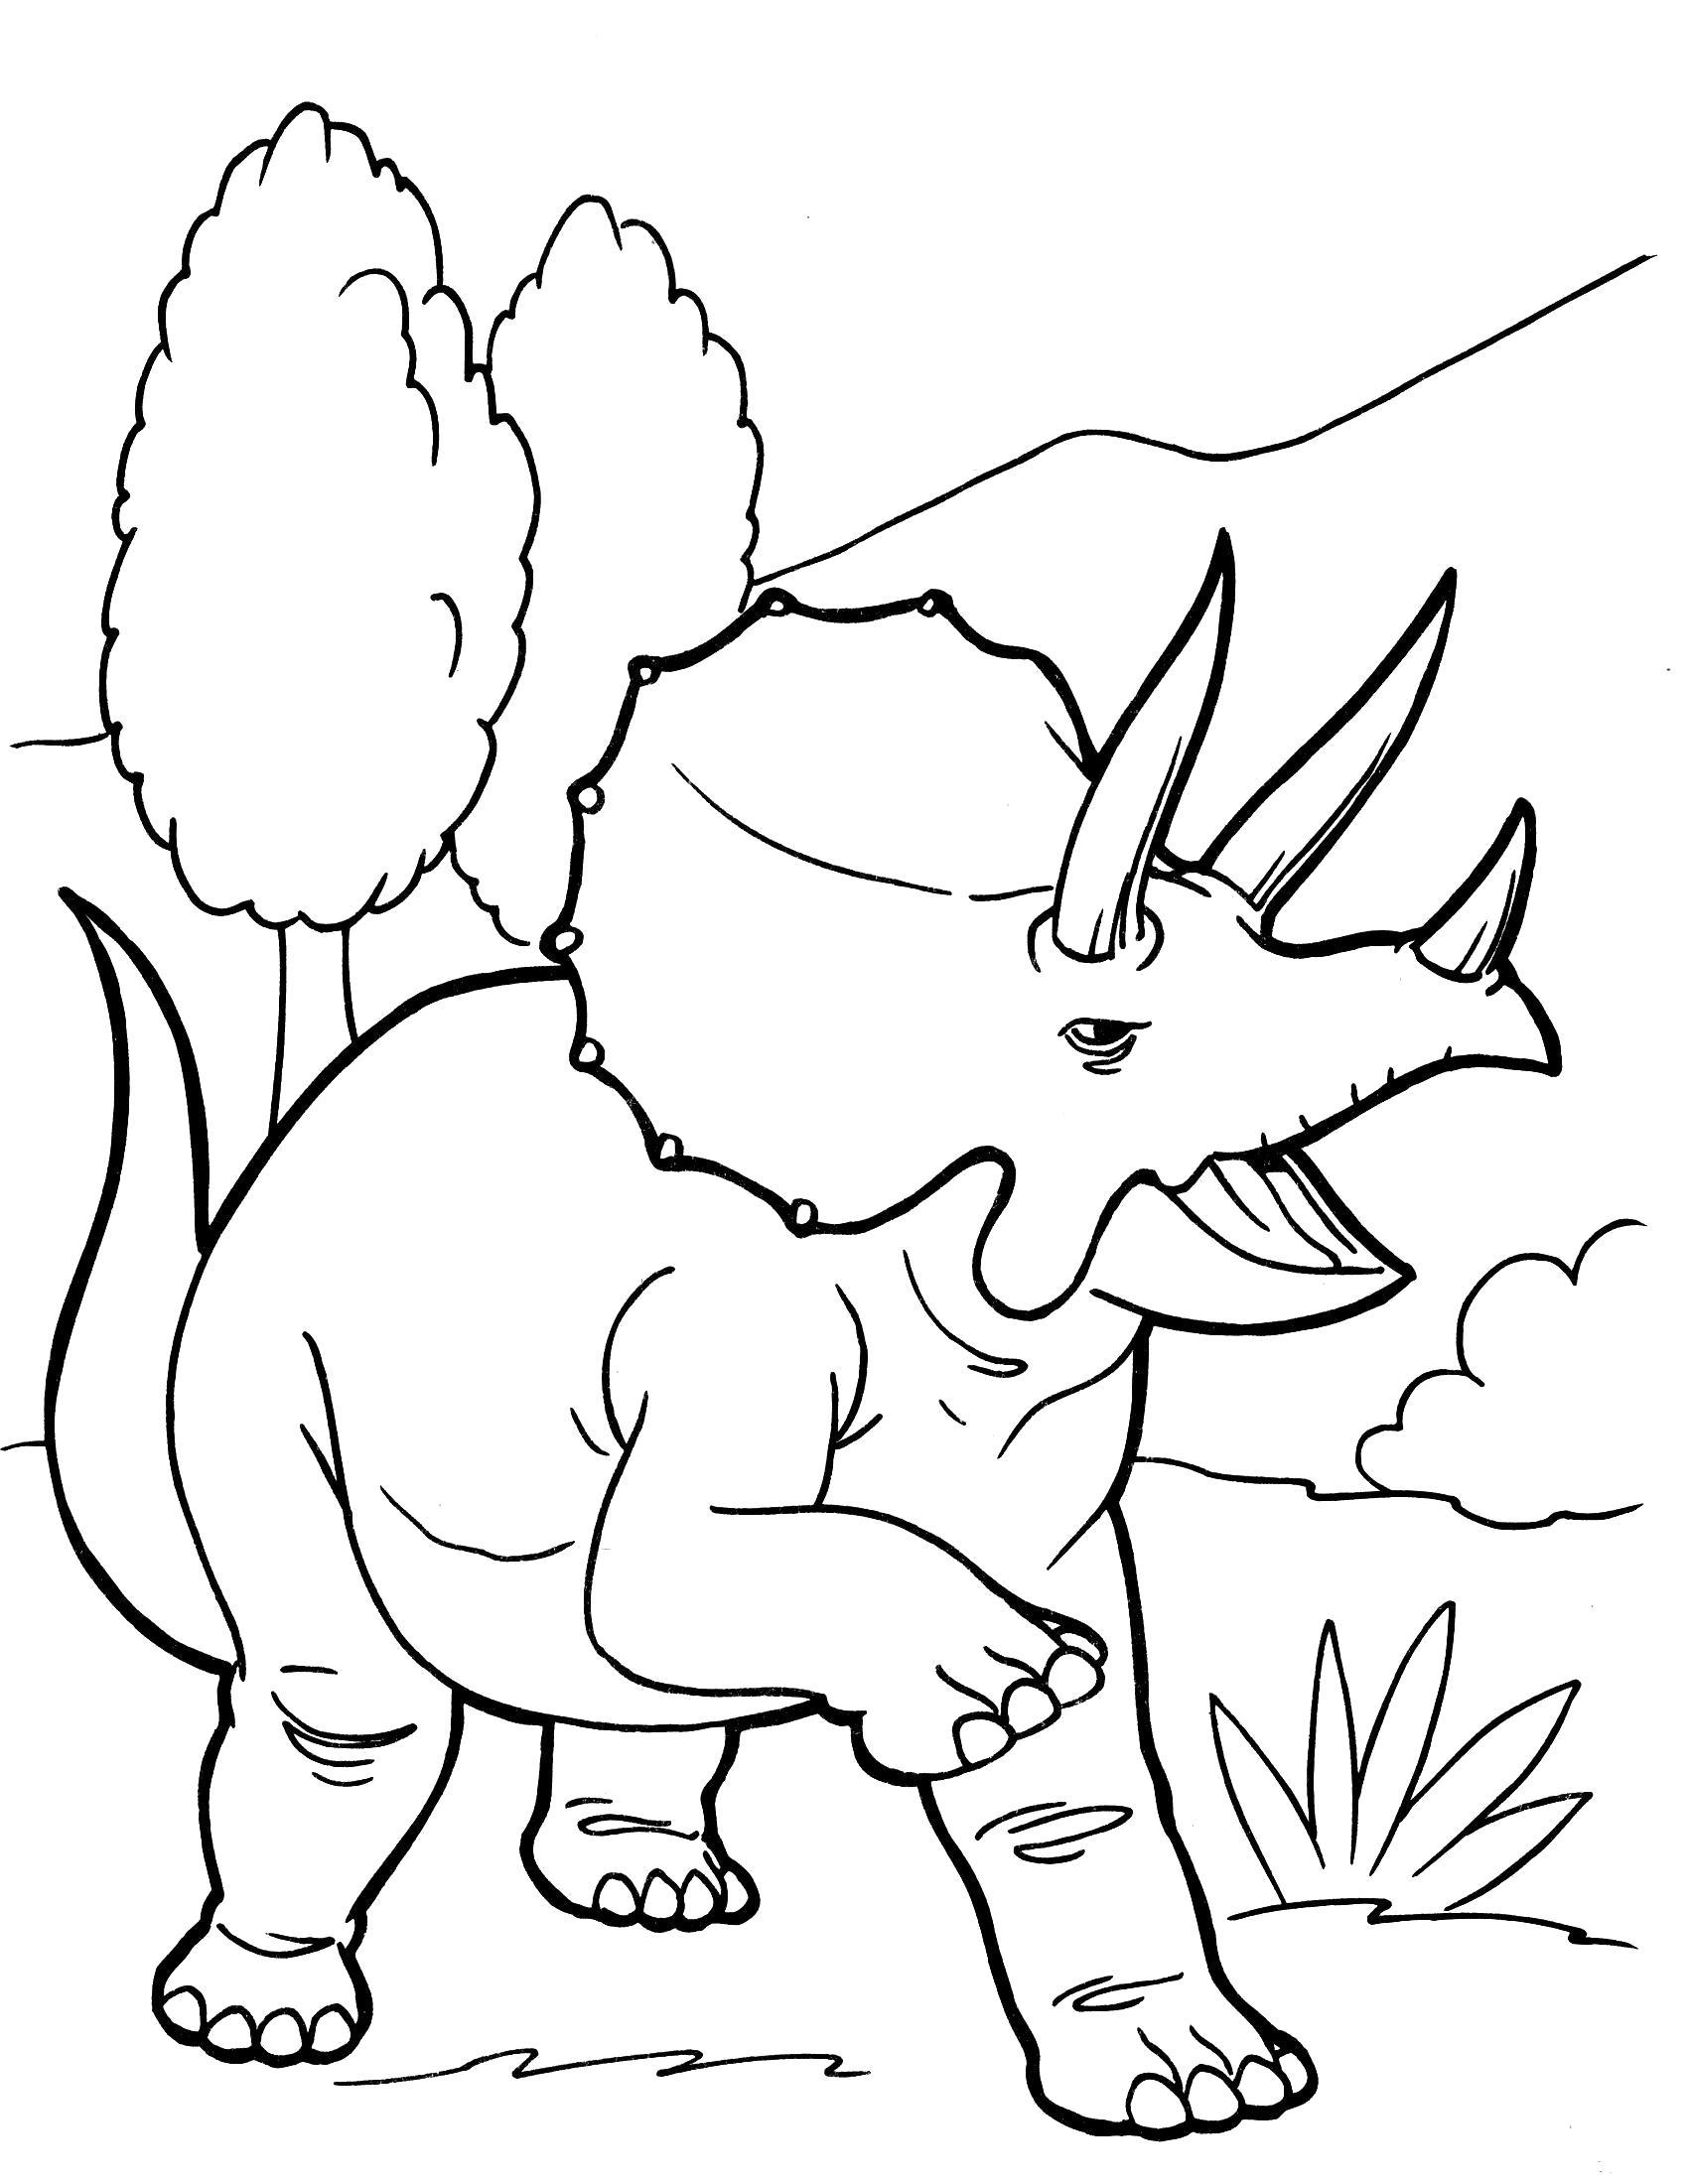 Раскраска Трицератопс. динозавр